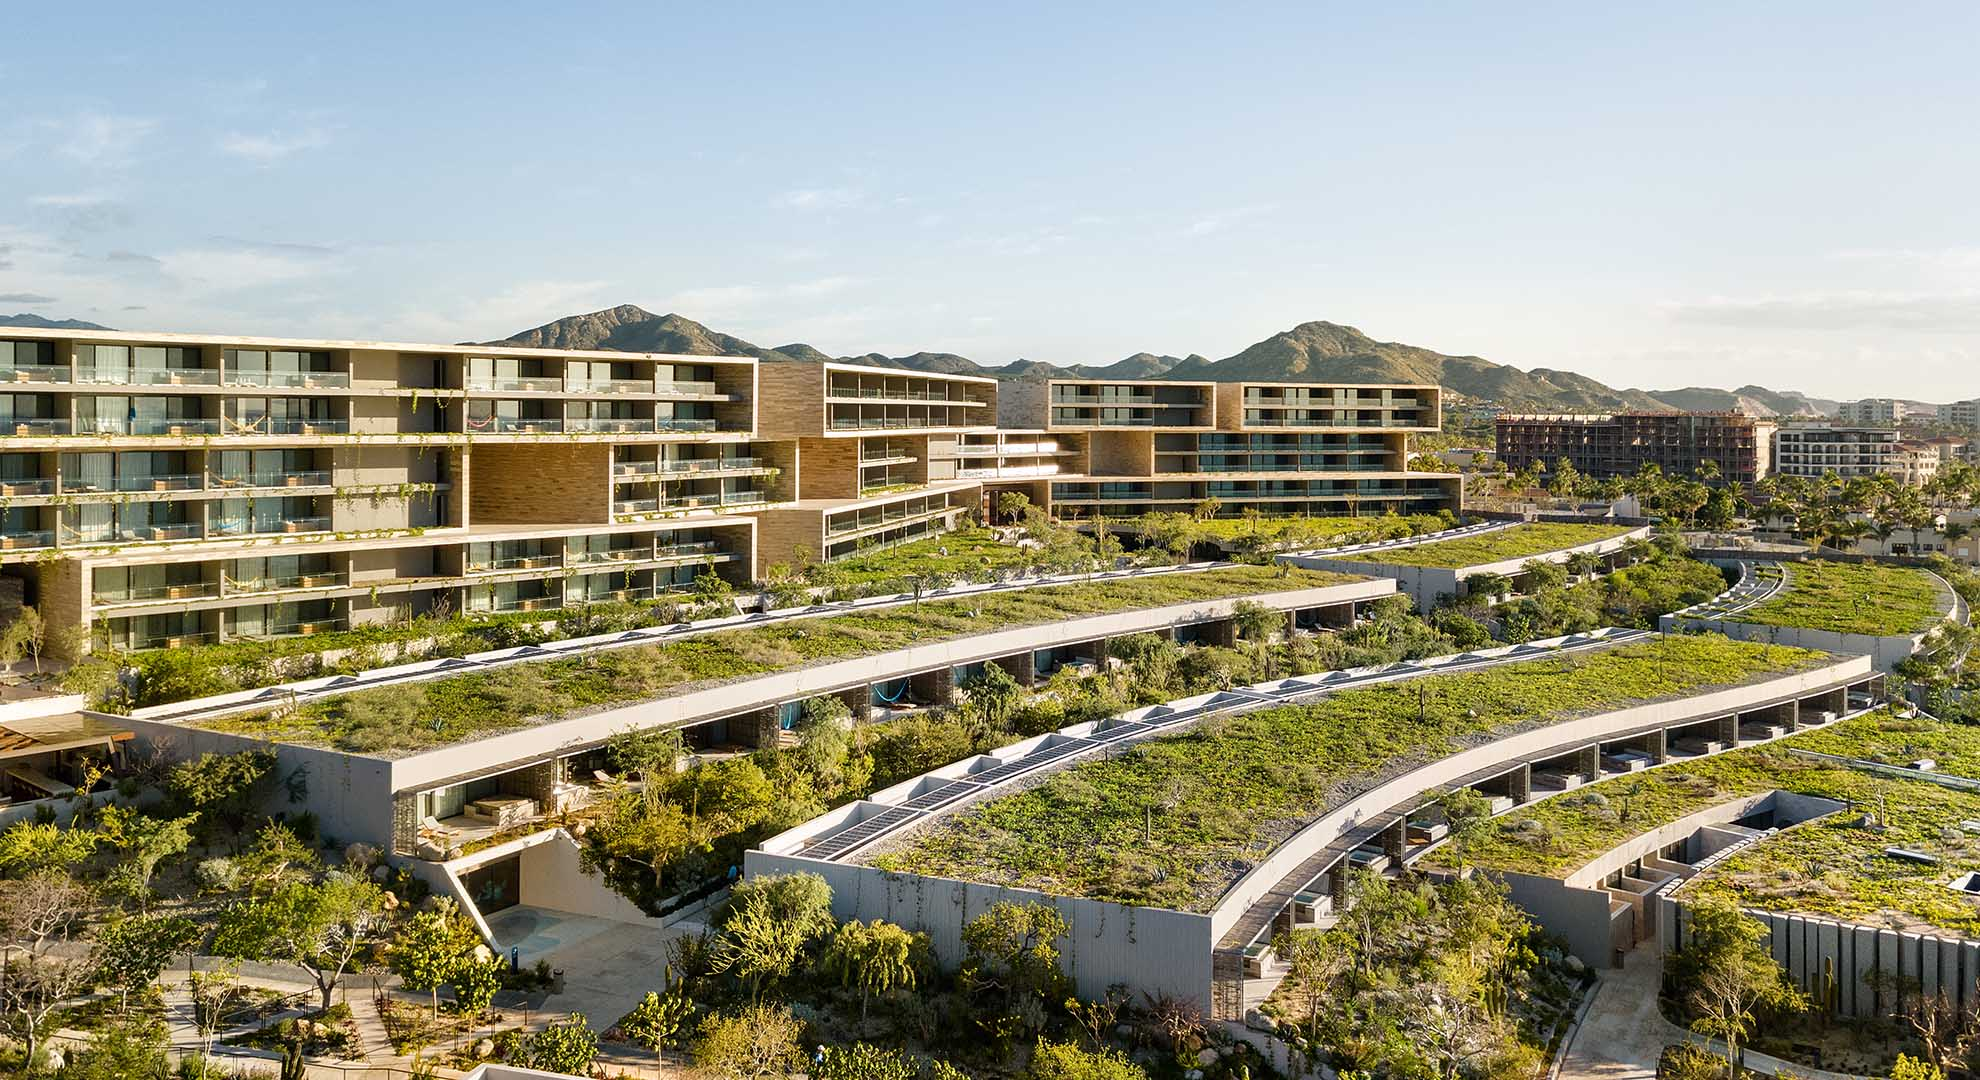 Solaz Los Cabos Resort by Sordo Madaleno Arquitectos in Mexico